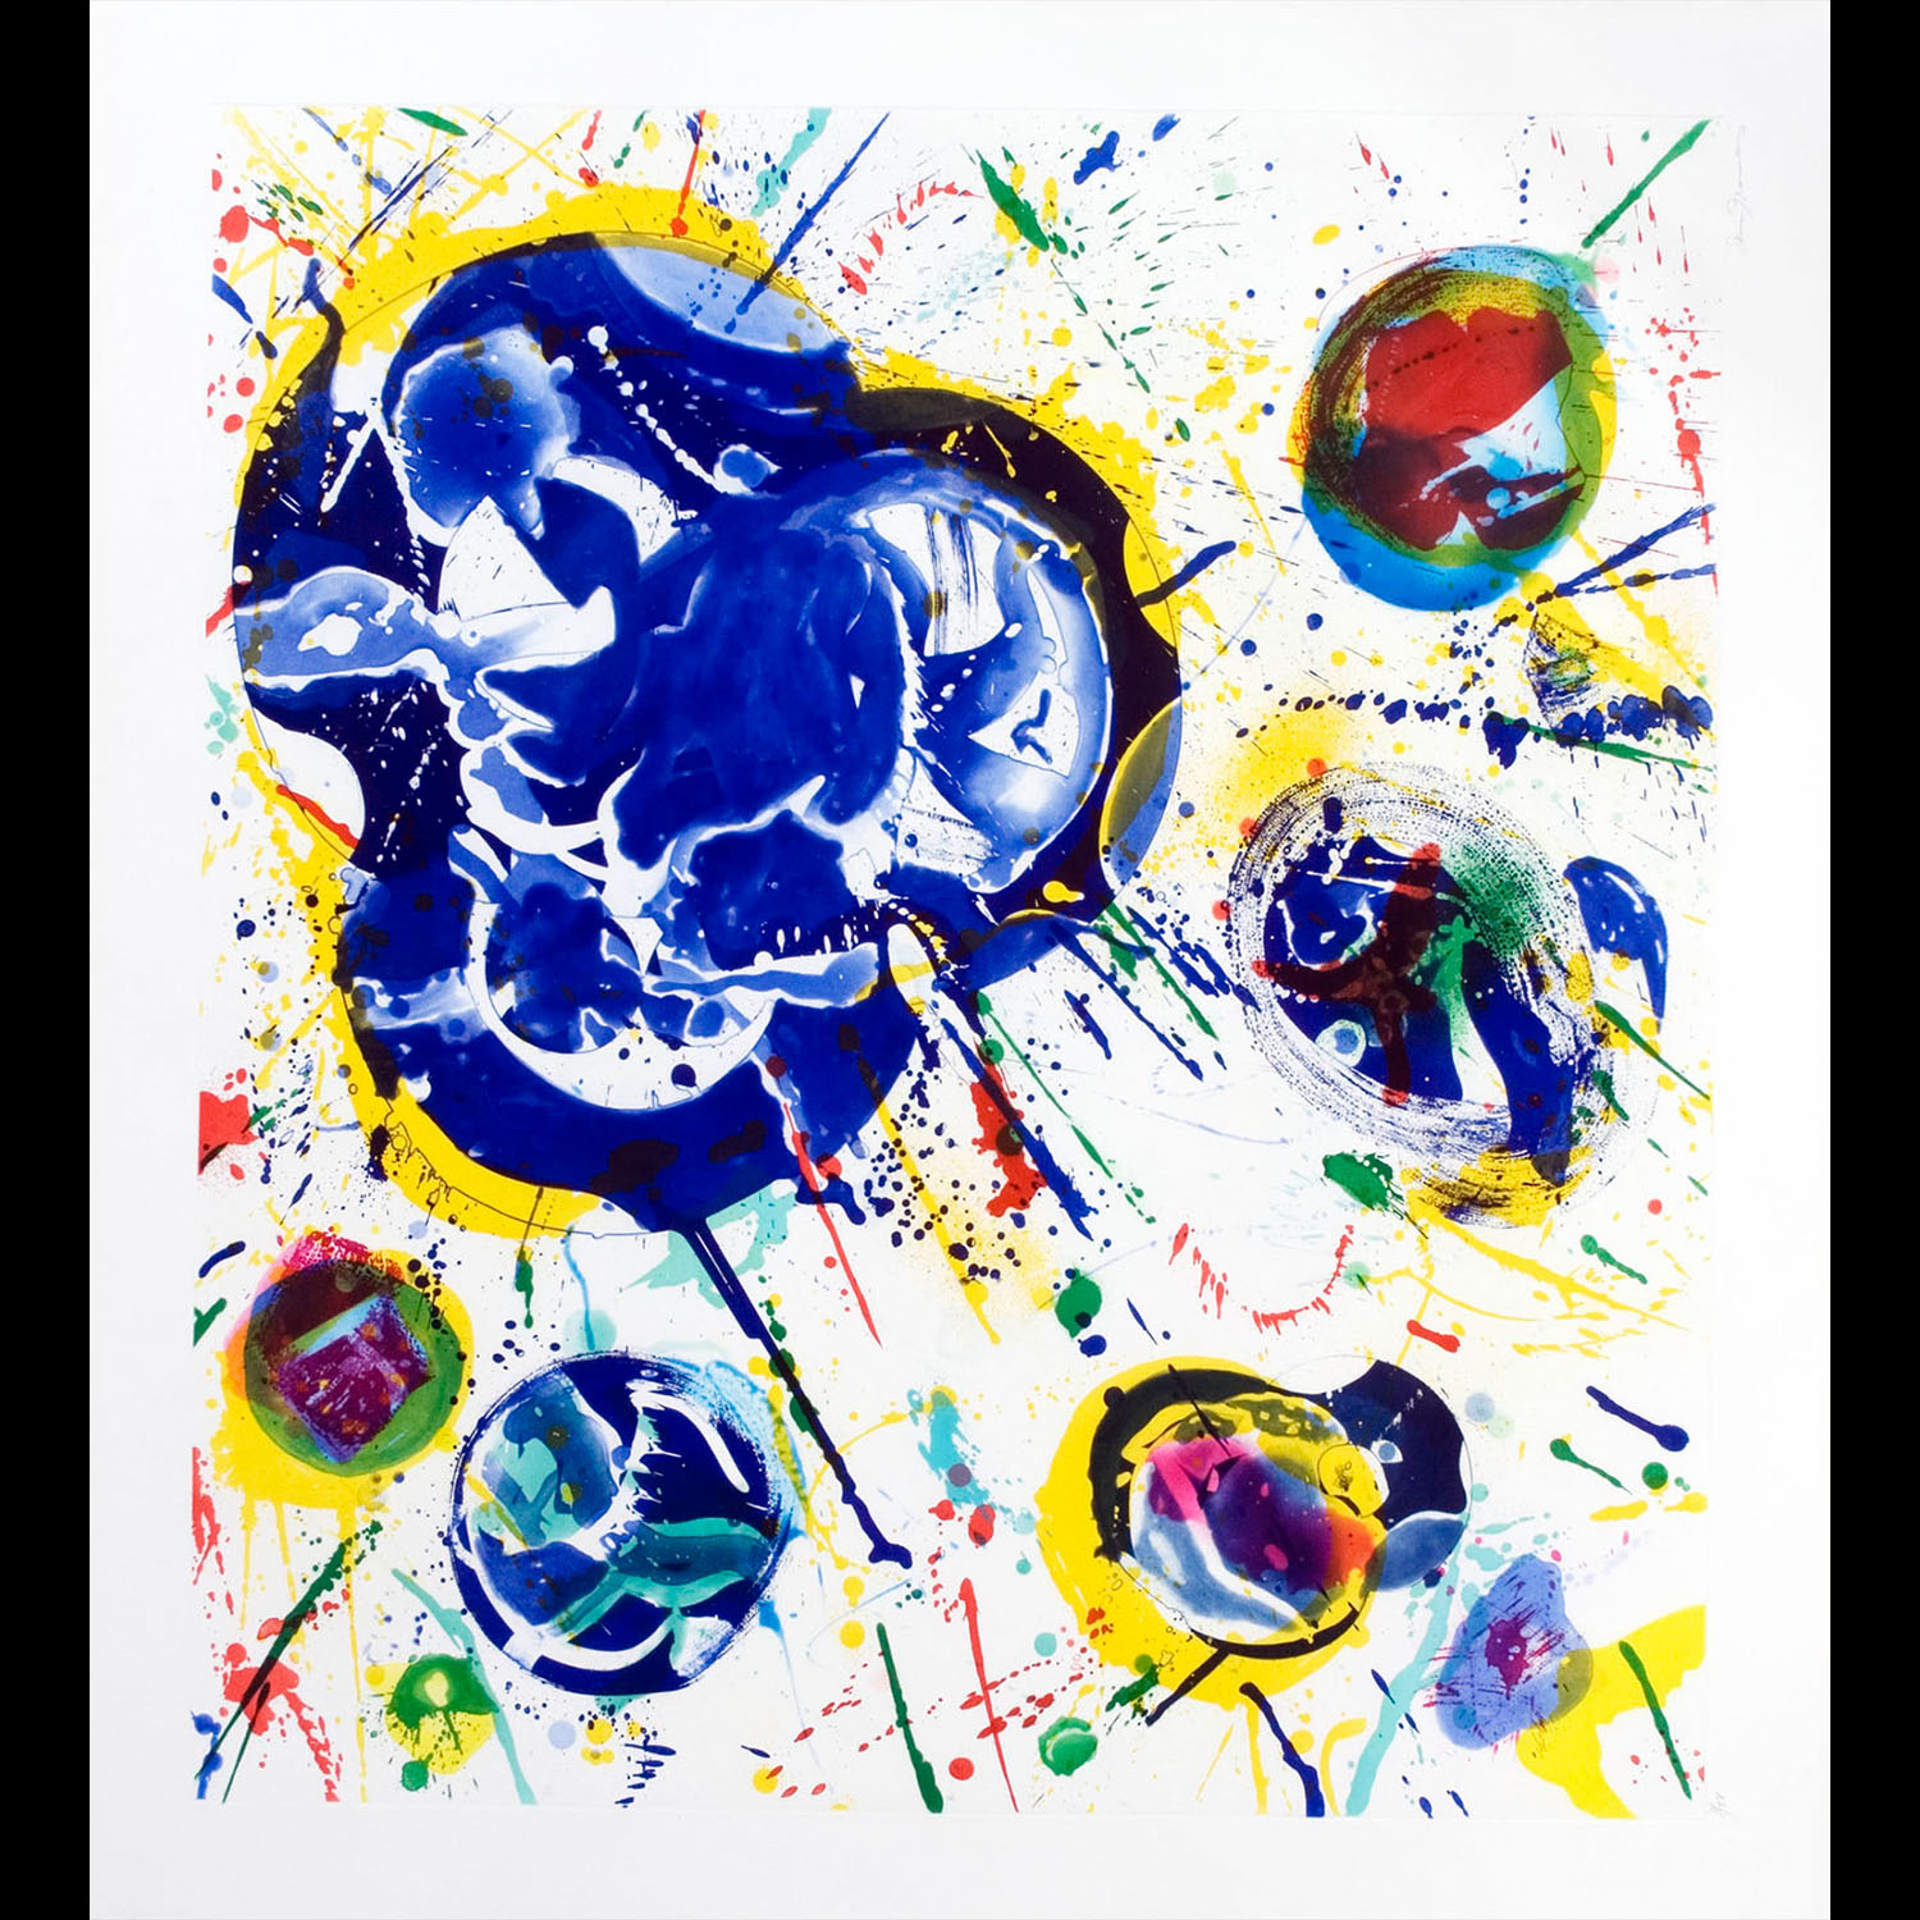 Senza Titolo 1 L 187, 1987 by Sam Francis